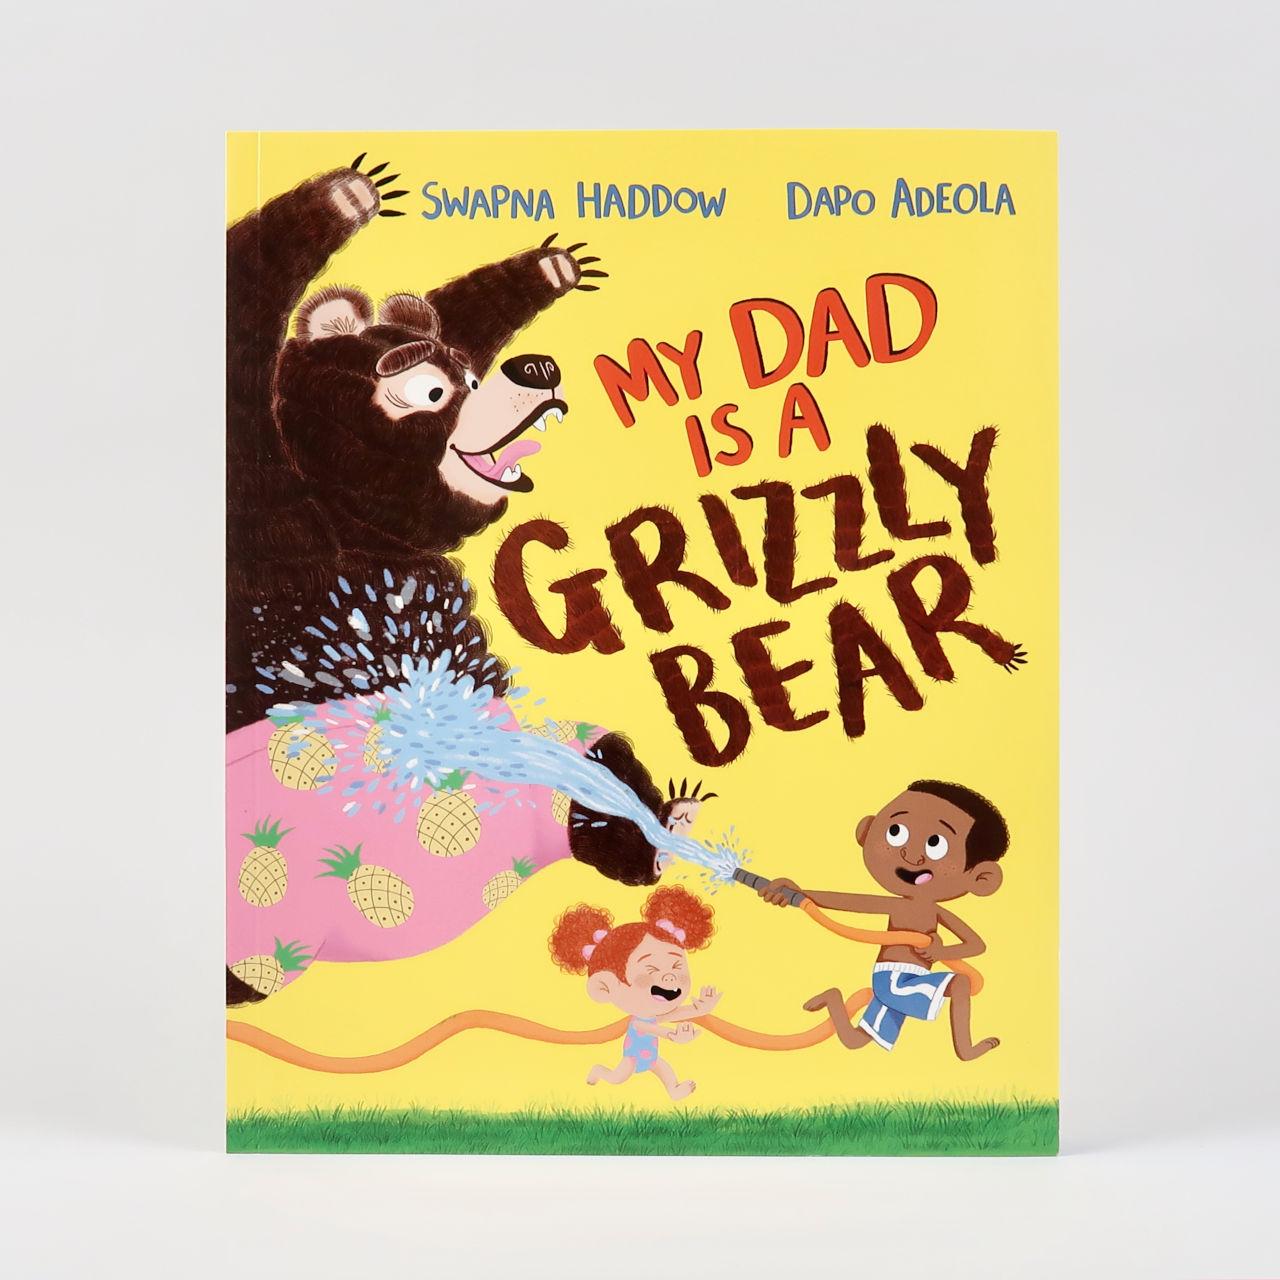 My Dad is a Grizzly Bear - Swapna Haddow & Dapo Adeola